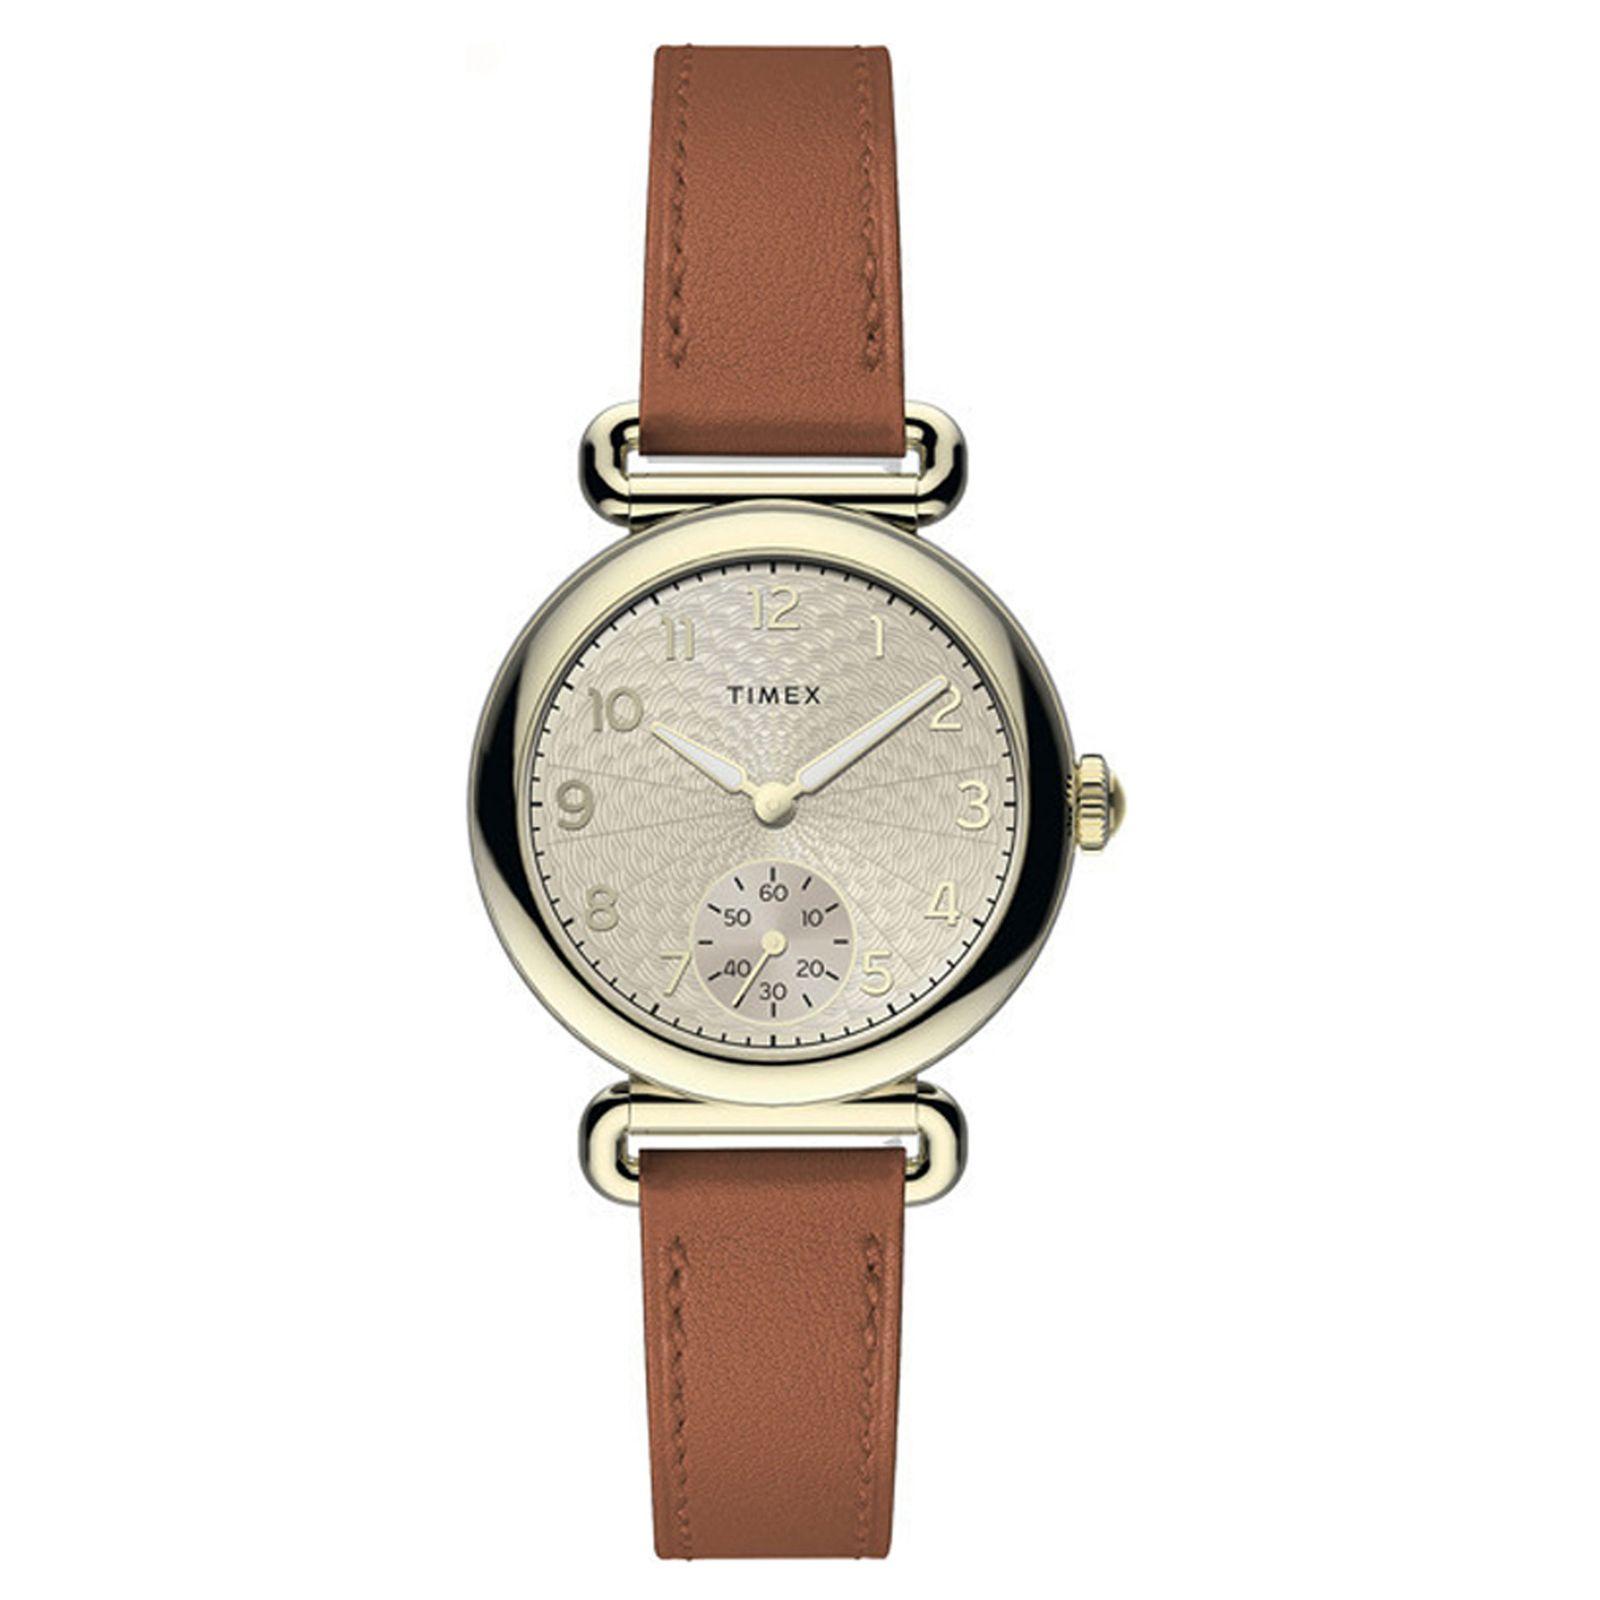 ساعت مچی عقربه ای زنانه تایمکس مدل TW2T88000 -  - 1